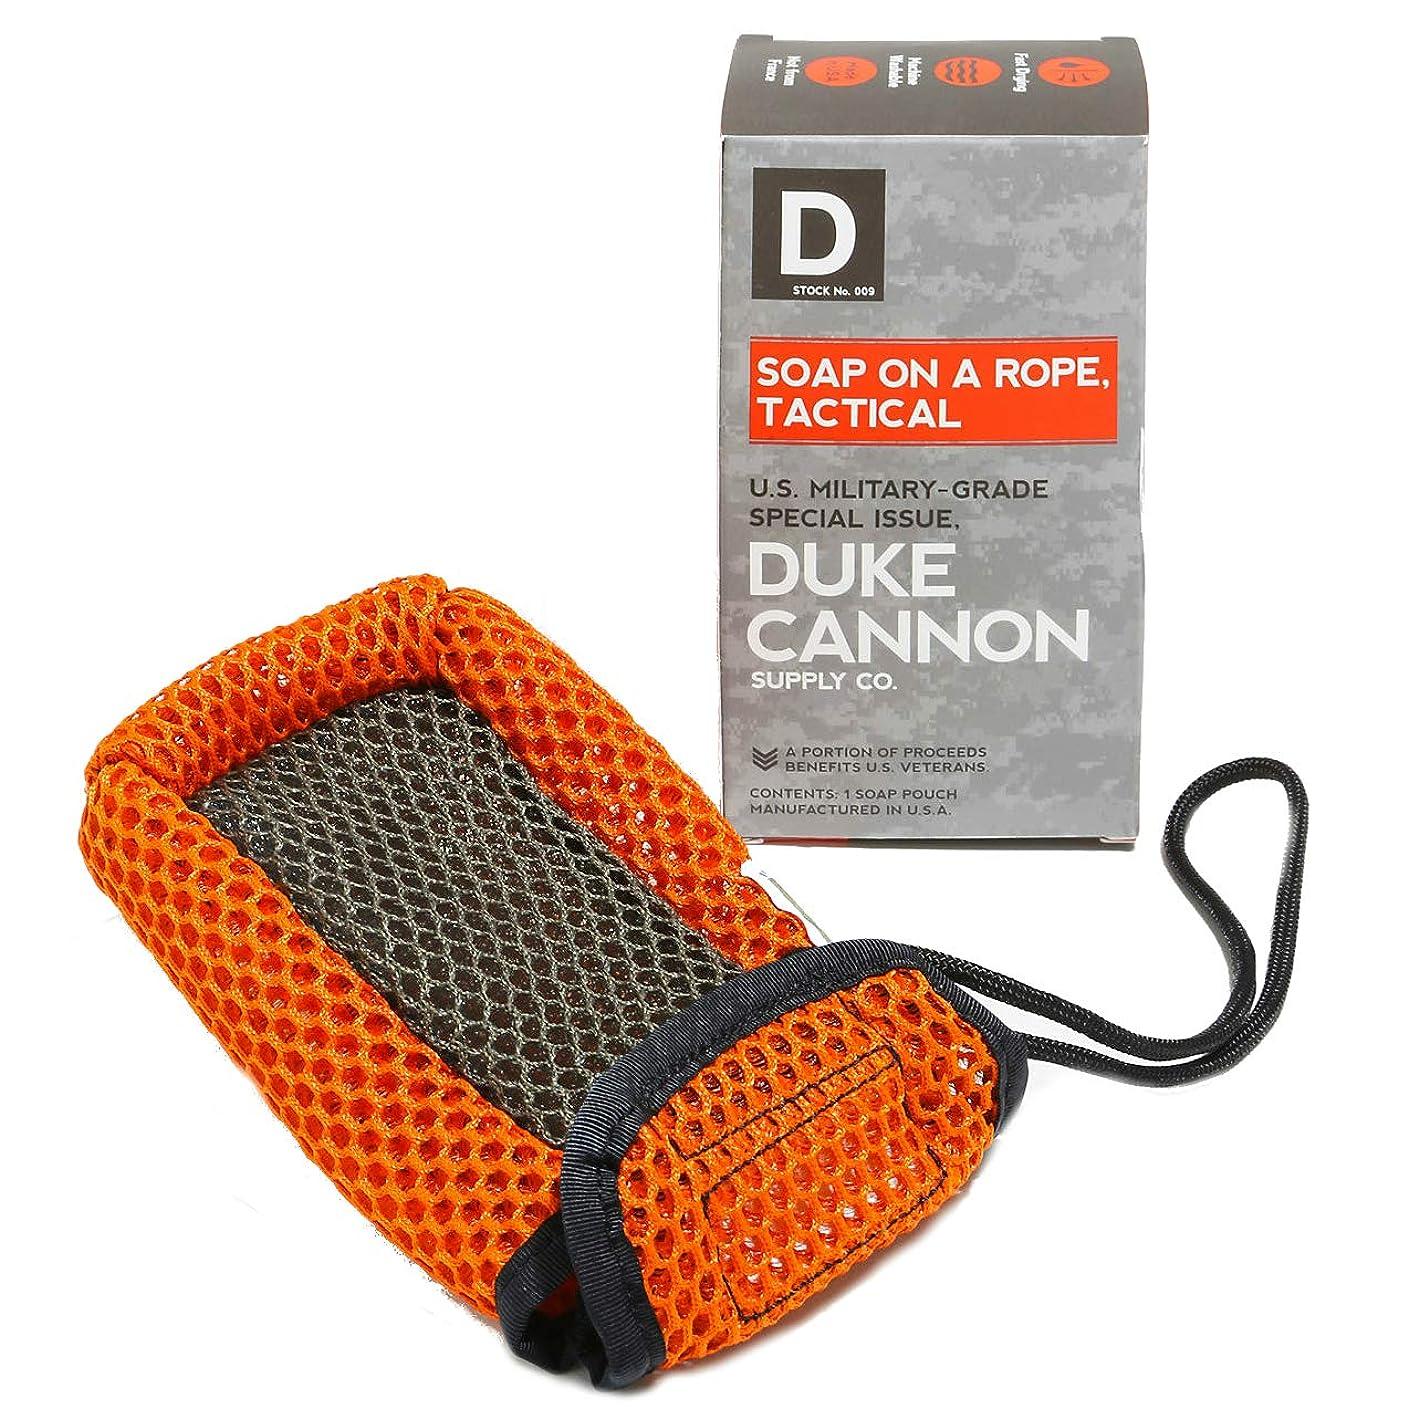 私溶岩好戦的なDuke Cannon ロープのポーチには戦術的なソープ